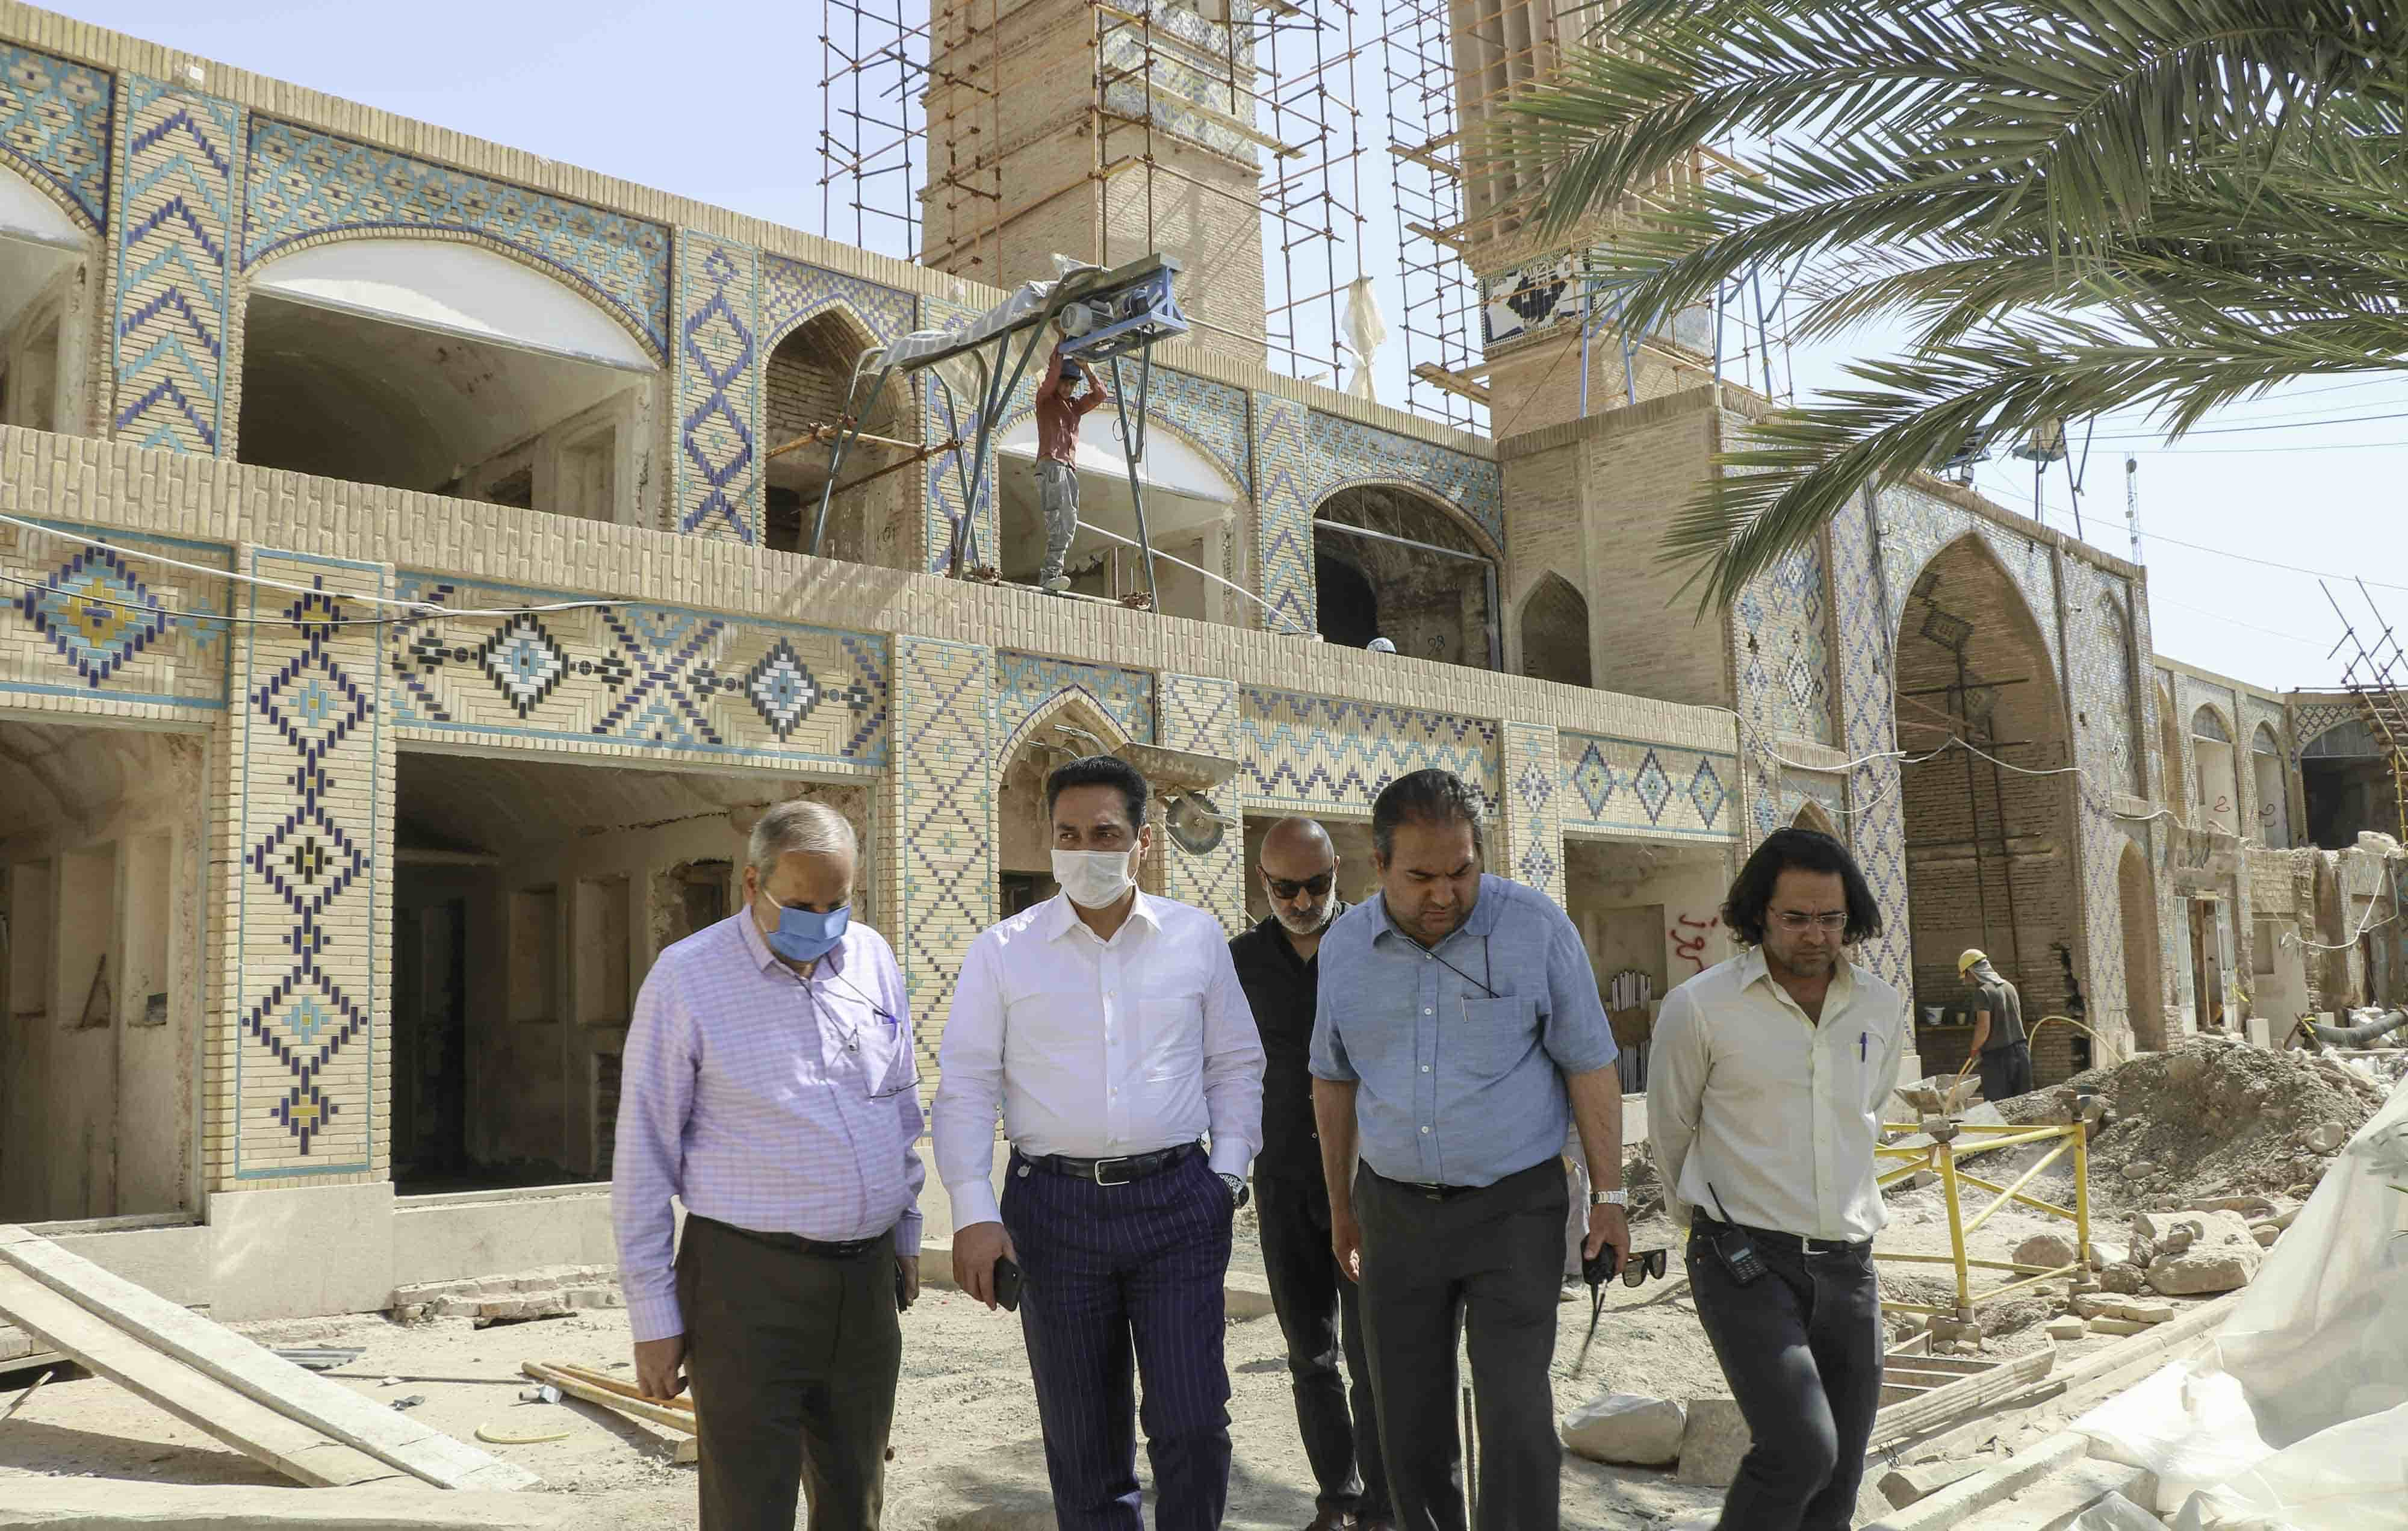 بازدید آقای غیاثی نژاد رئیس هیئت مدیره شرکت تندیس